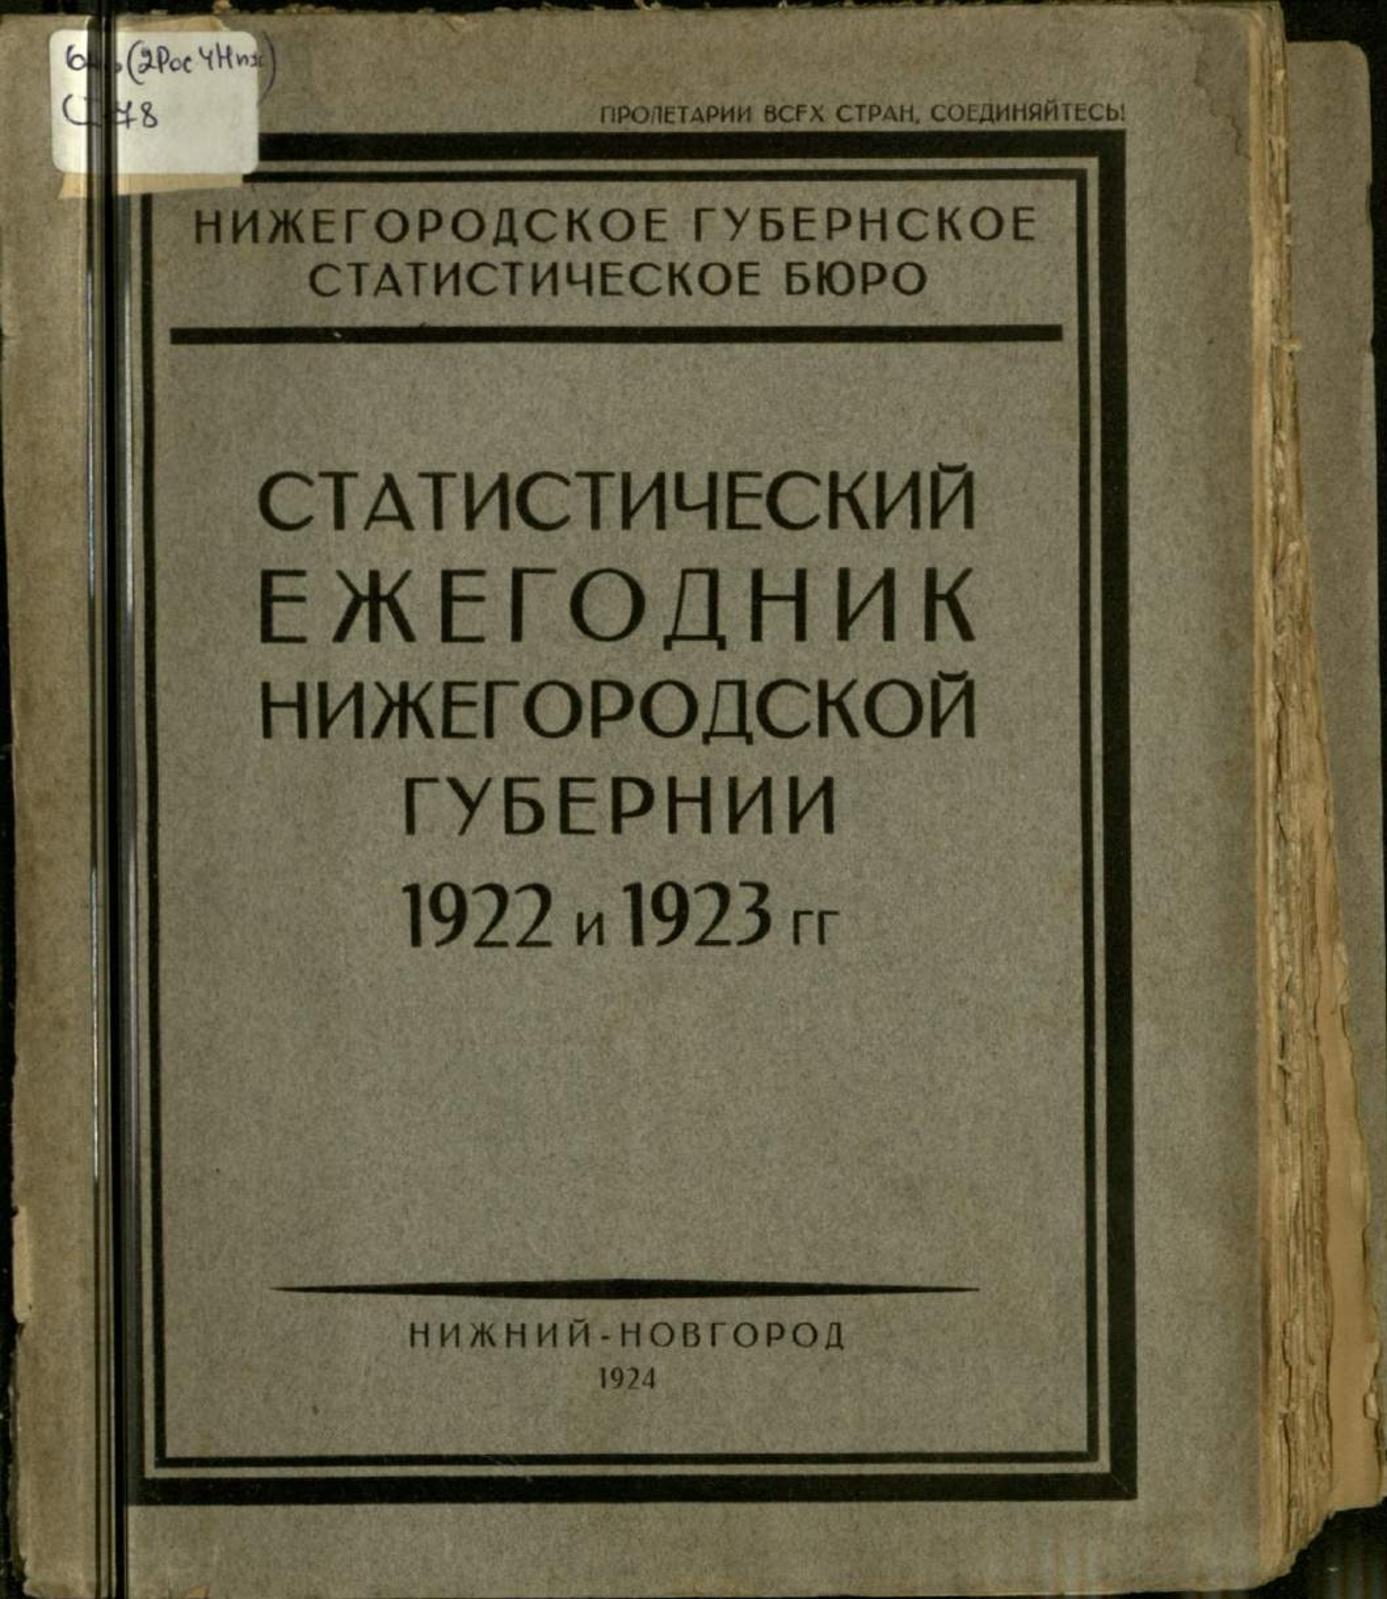 Статистический ежегодник Нижегородской губернии 1922 и 1923 гг.